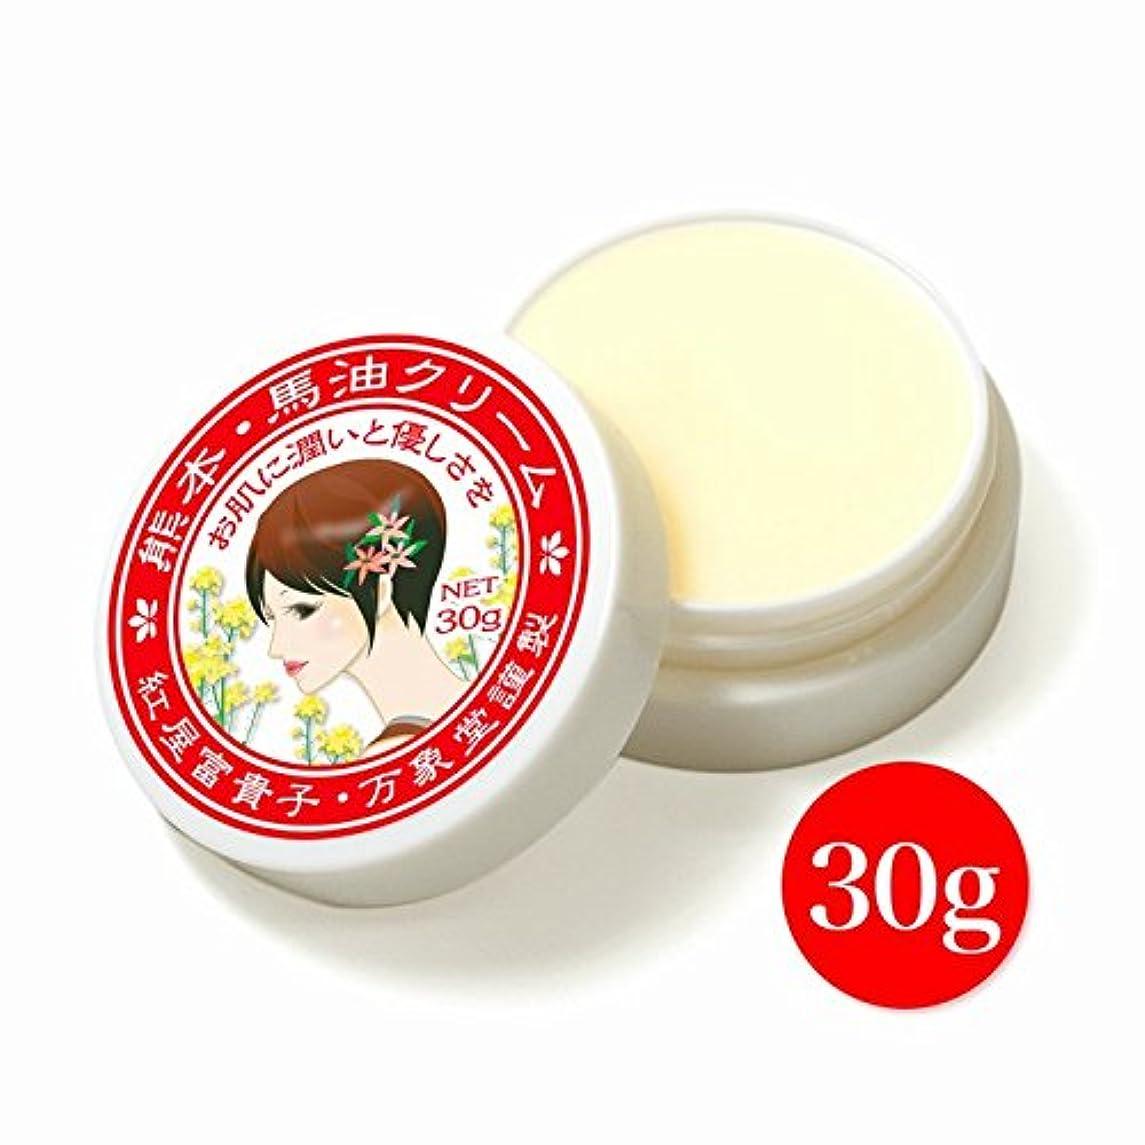 ドラマ比べる太字森羅万象堂 馬油クリーム 30g (ラベンダーの香り)精油 アロマ 国産 保湿 スキンクリーム